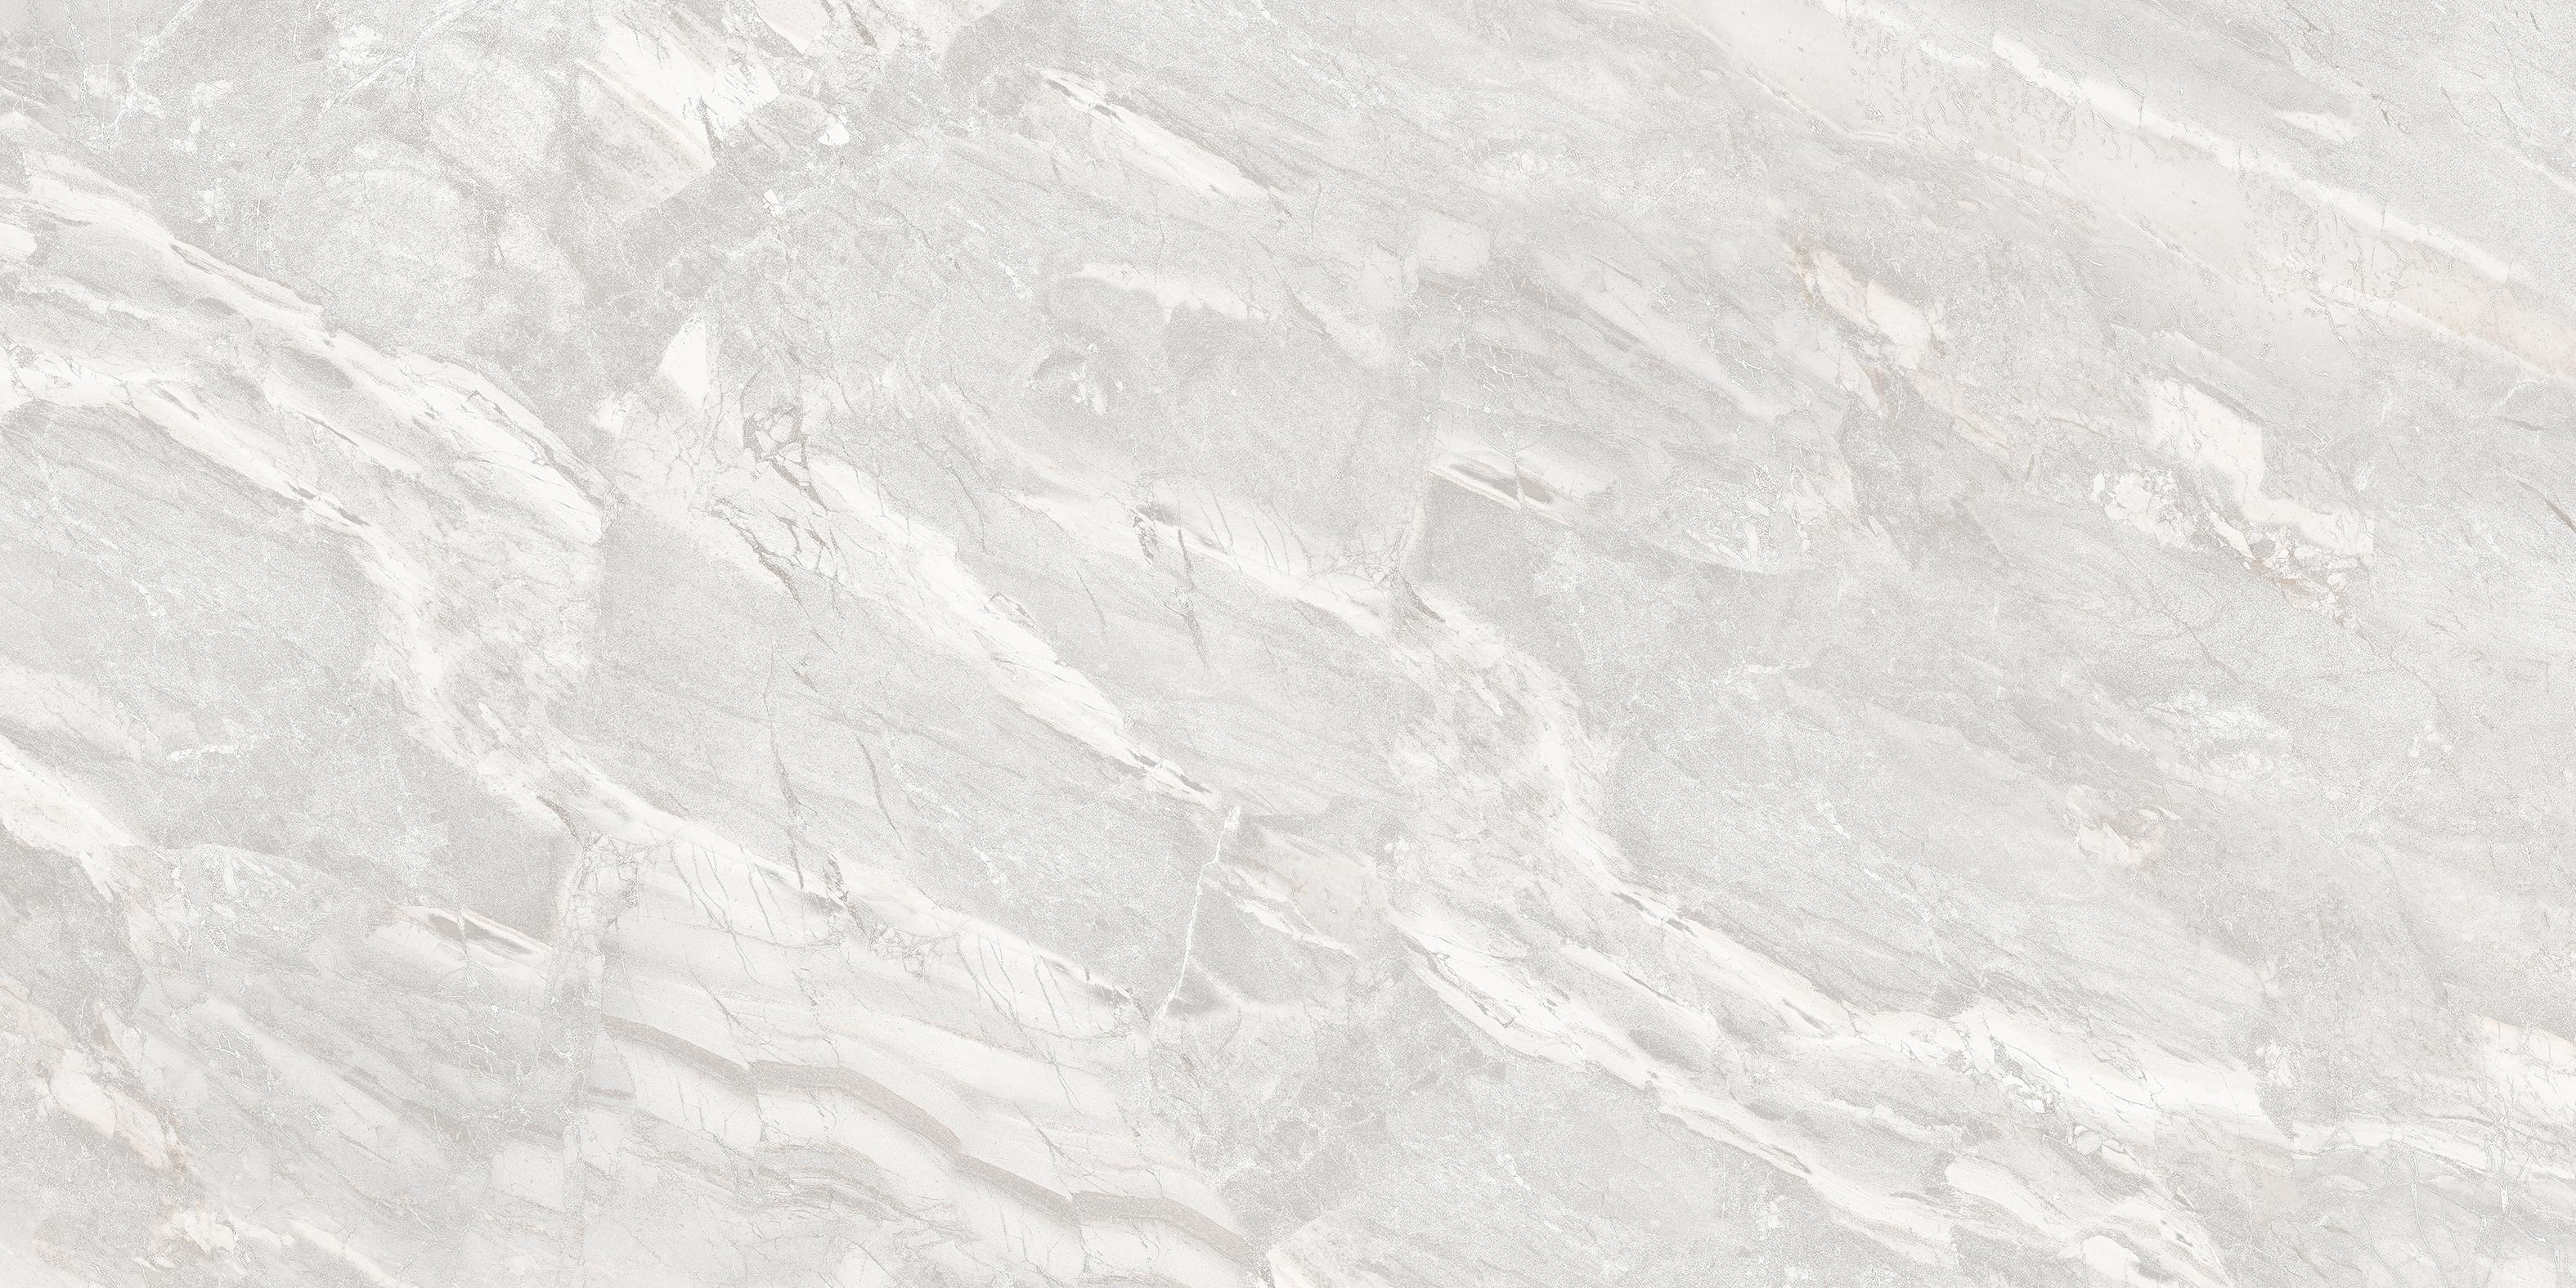 RYTC28622F阿尔卑斯板岩